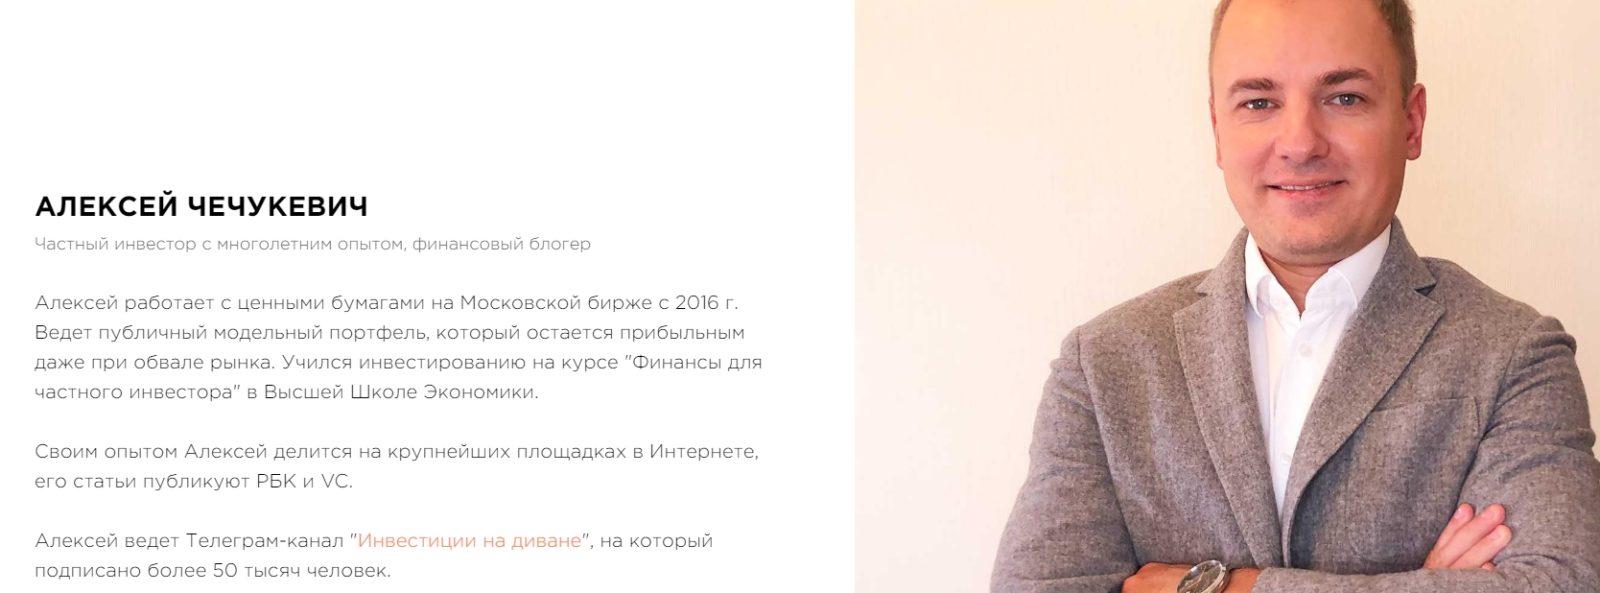 Кто такой Алексей Чечукевич